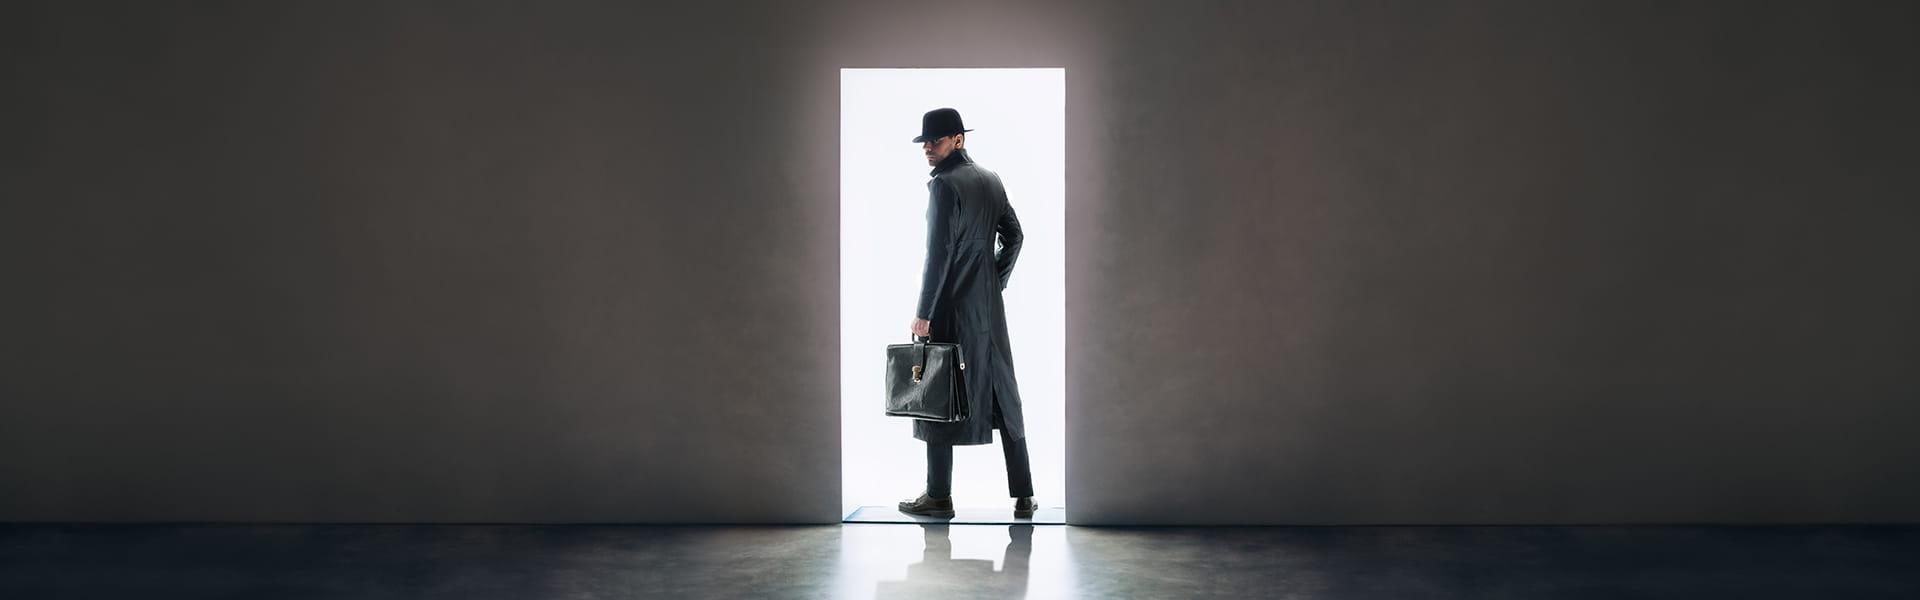 Man silhouette in hat and raincoat standing in the light of opening door in dark room